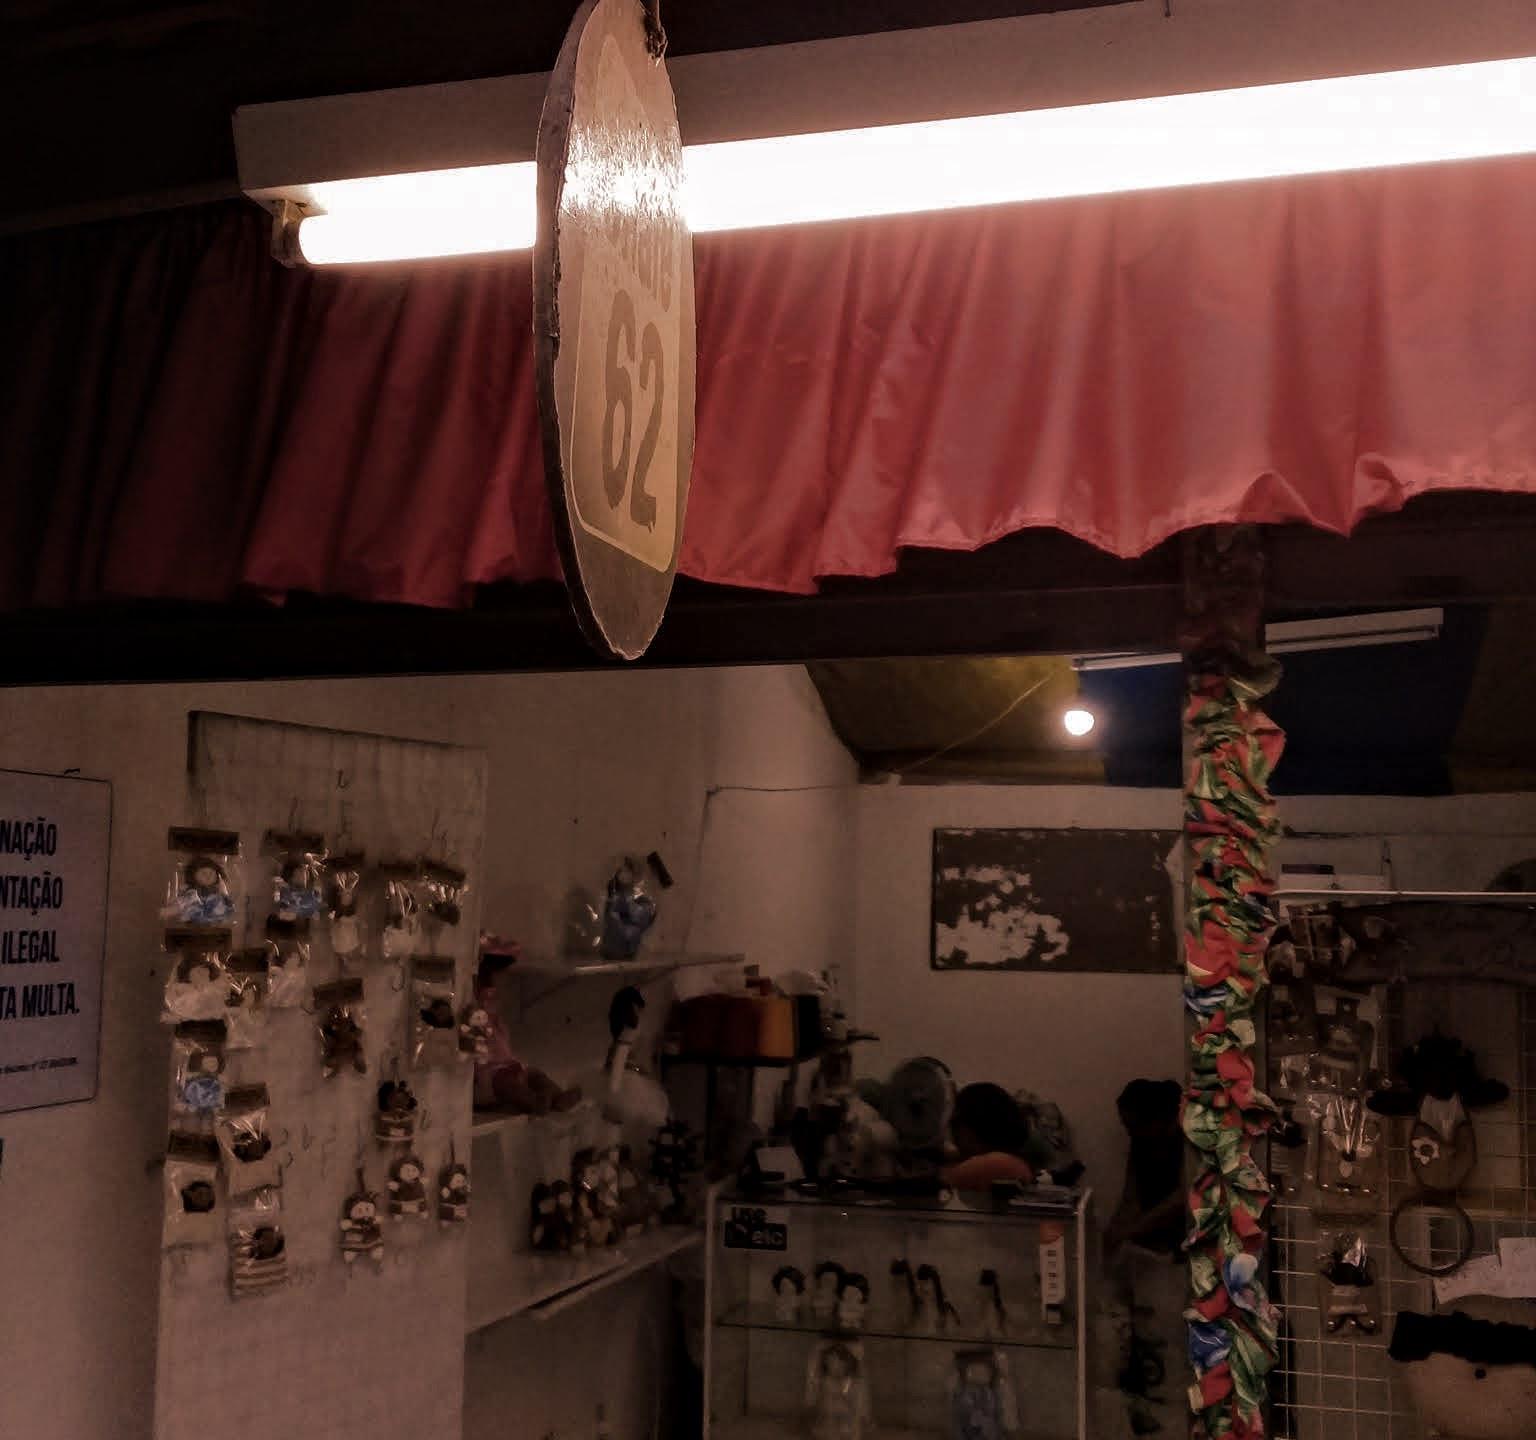 Na Vila do Artesão, o conserto de roupas também tem espaço. Foto: Sara Silva/Coletivof8